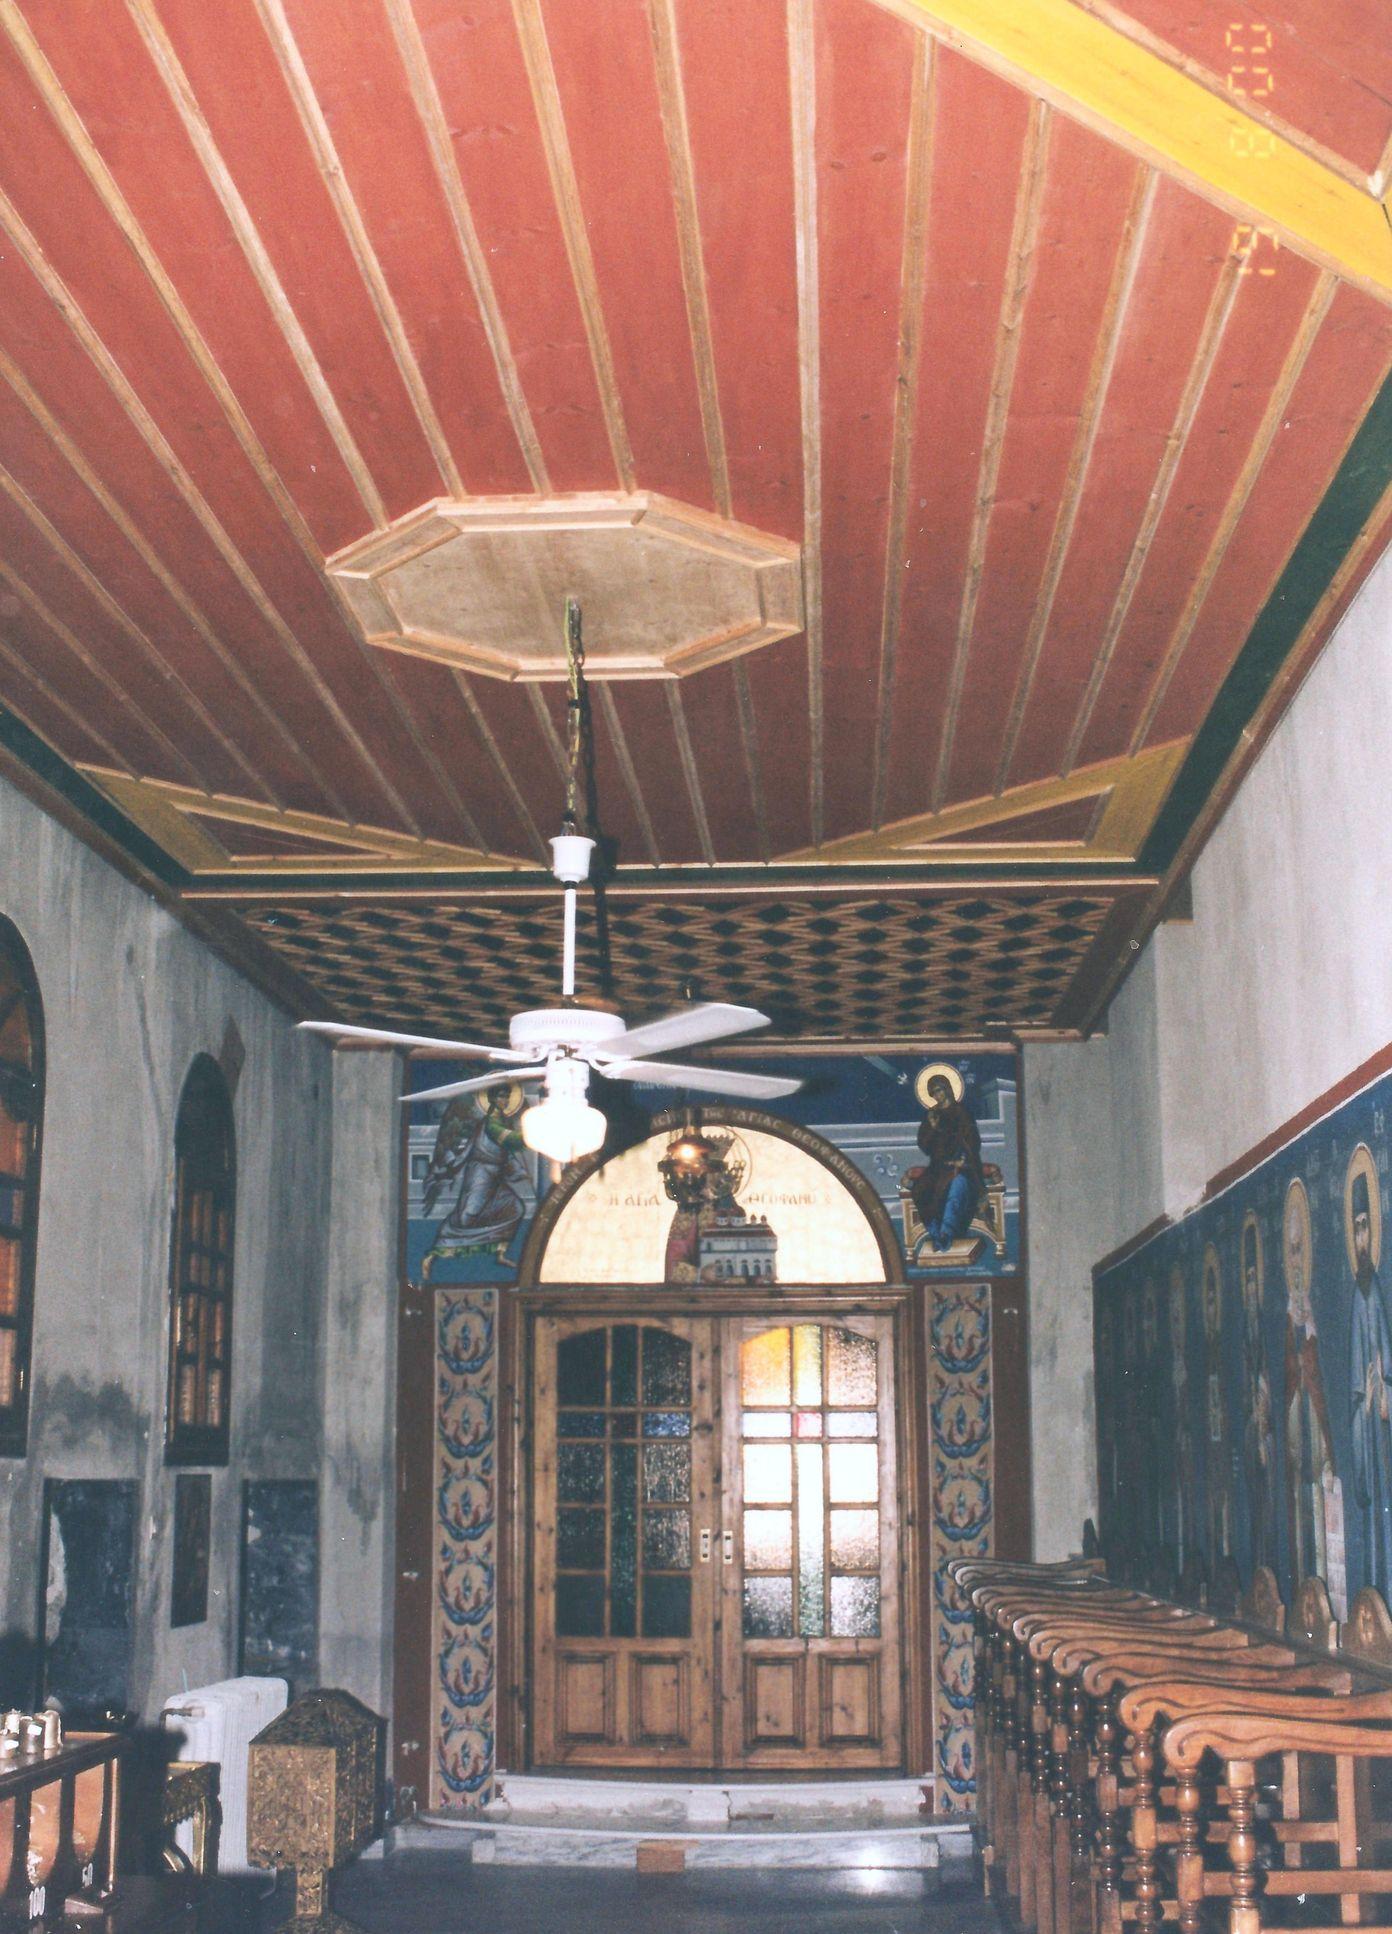 Είσοδος του παρεκκλησίου της Αγίας Θεοφανώς. Αριστερό κλίτος του Ναού.